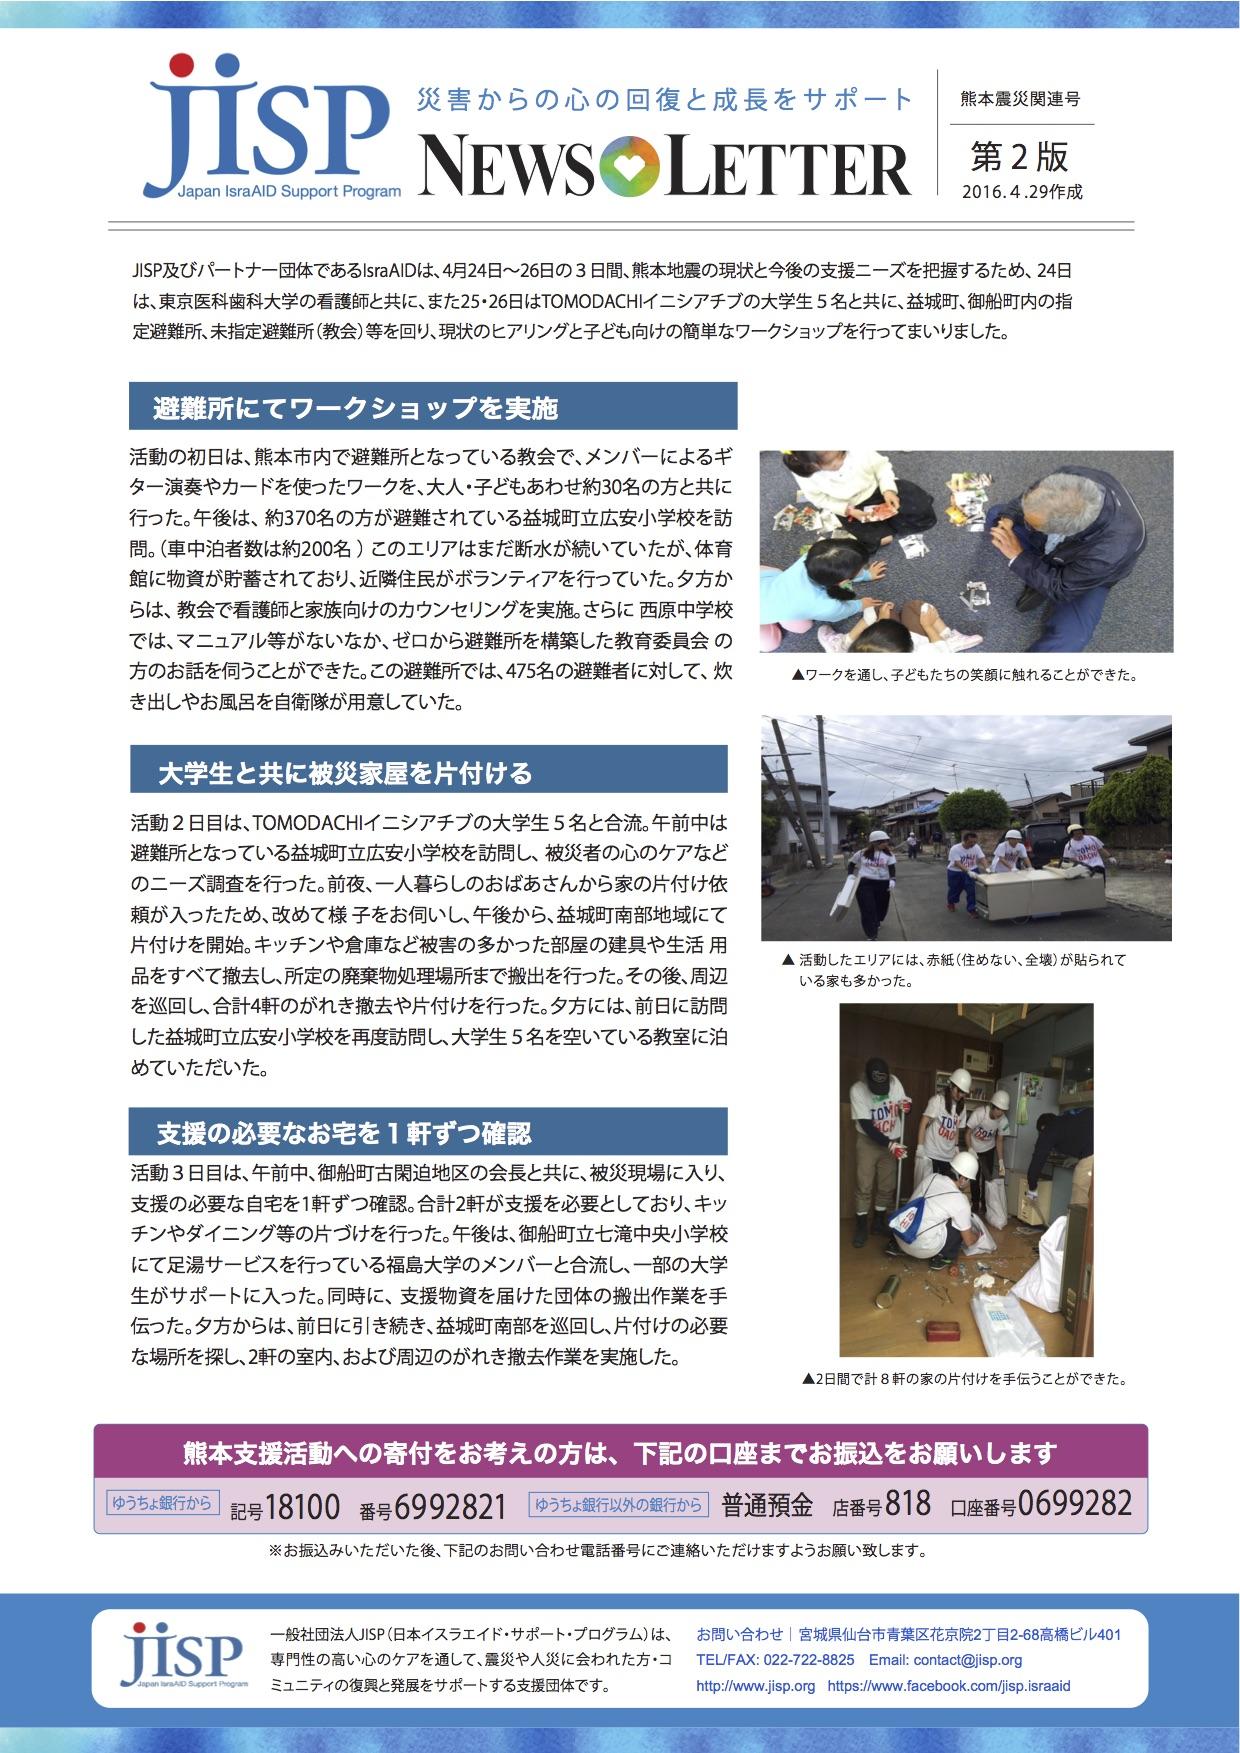 ニュースレター jisp 日本イスラエイド サポート プログラム